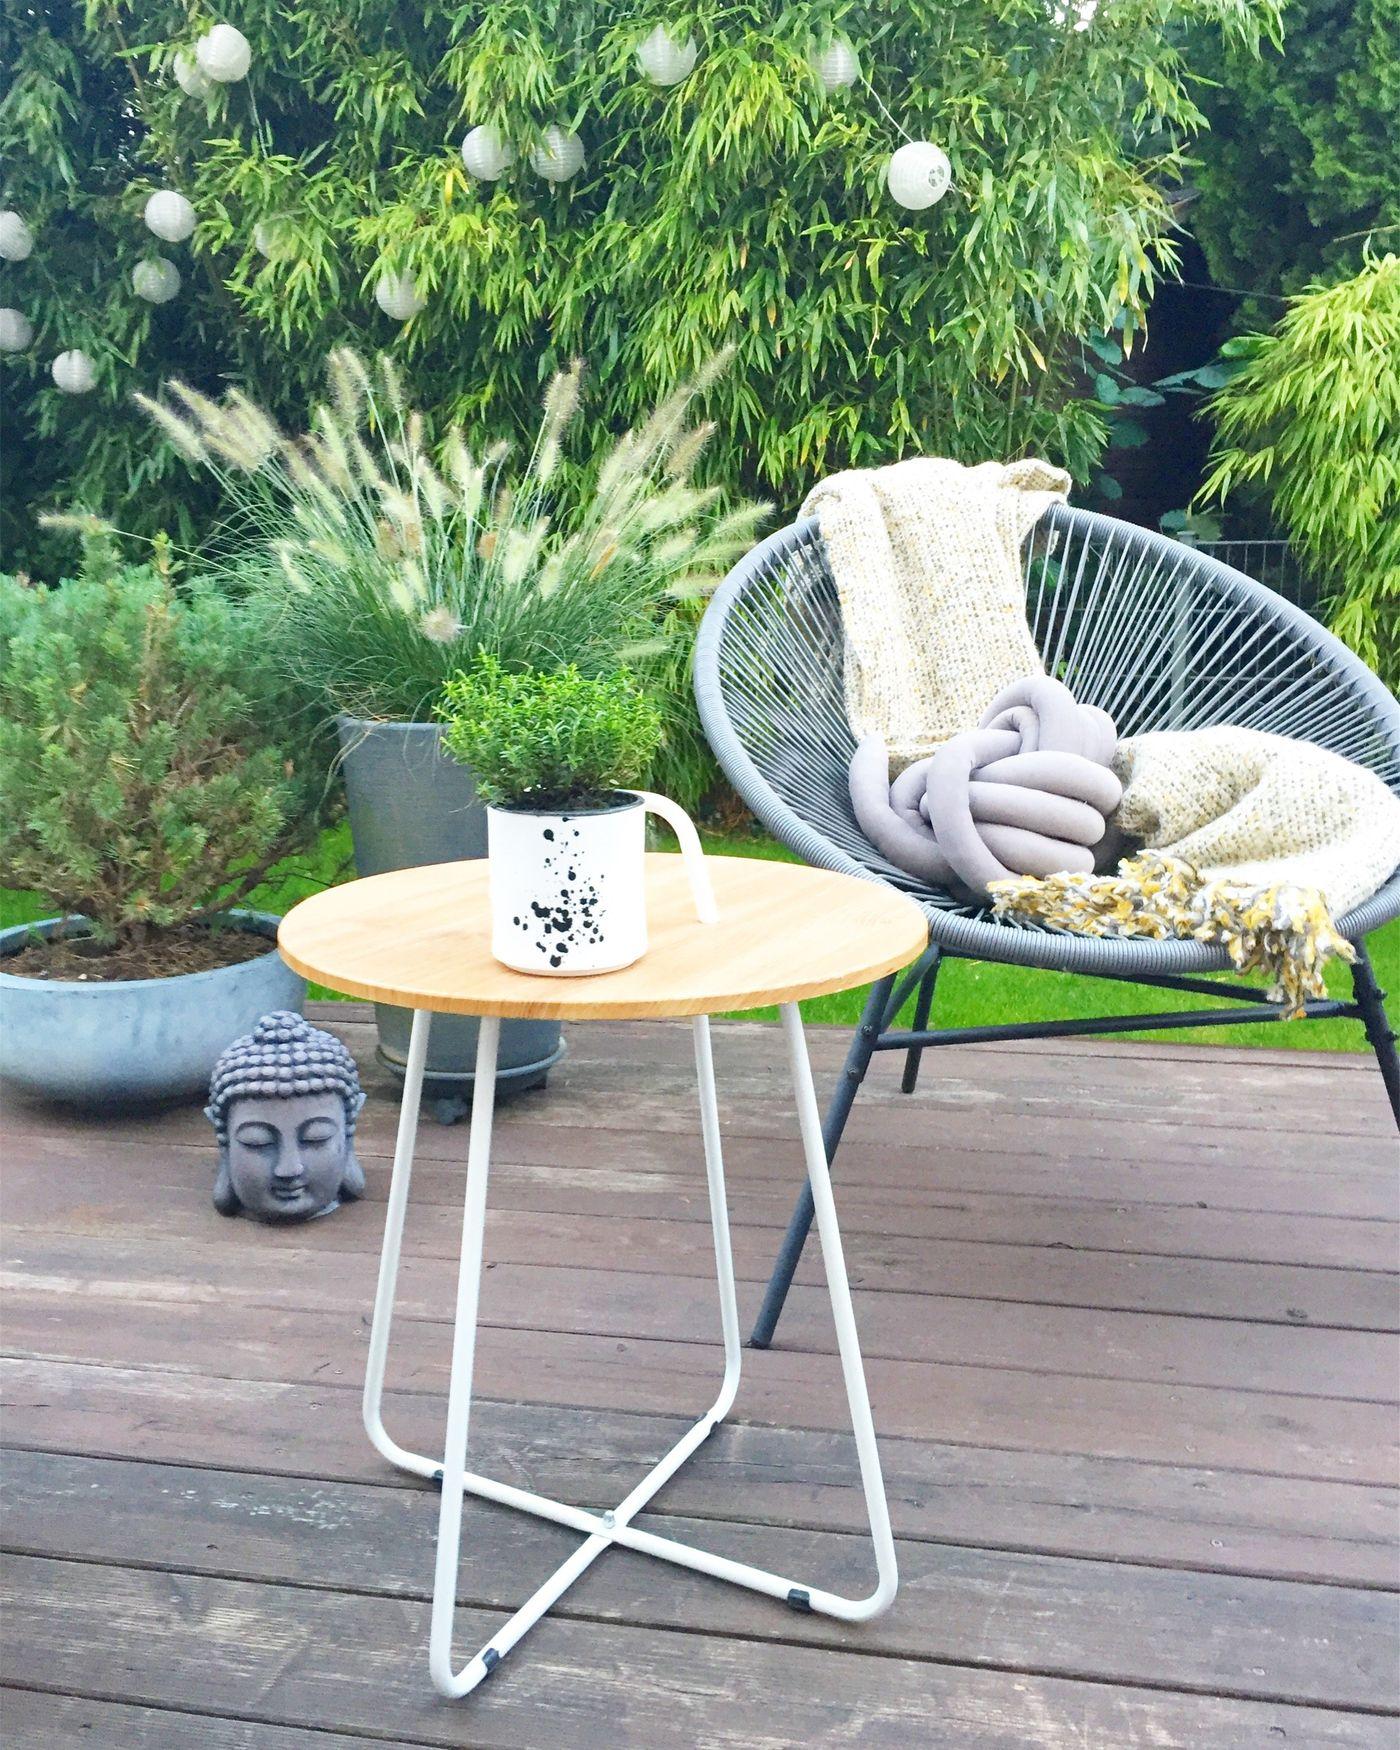 gartenm bel bilder ideen seite 5. Black Bedroom Furniture Sets. Home Design Ideas